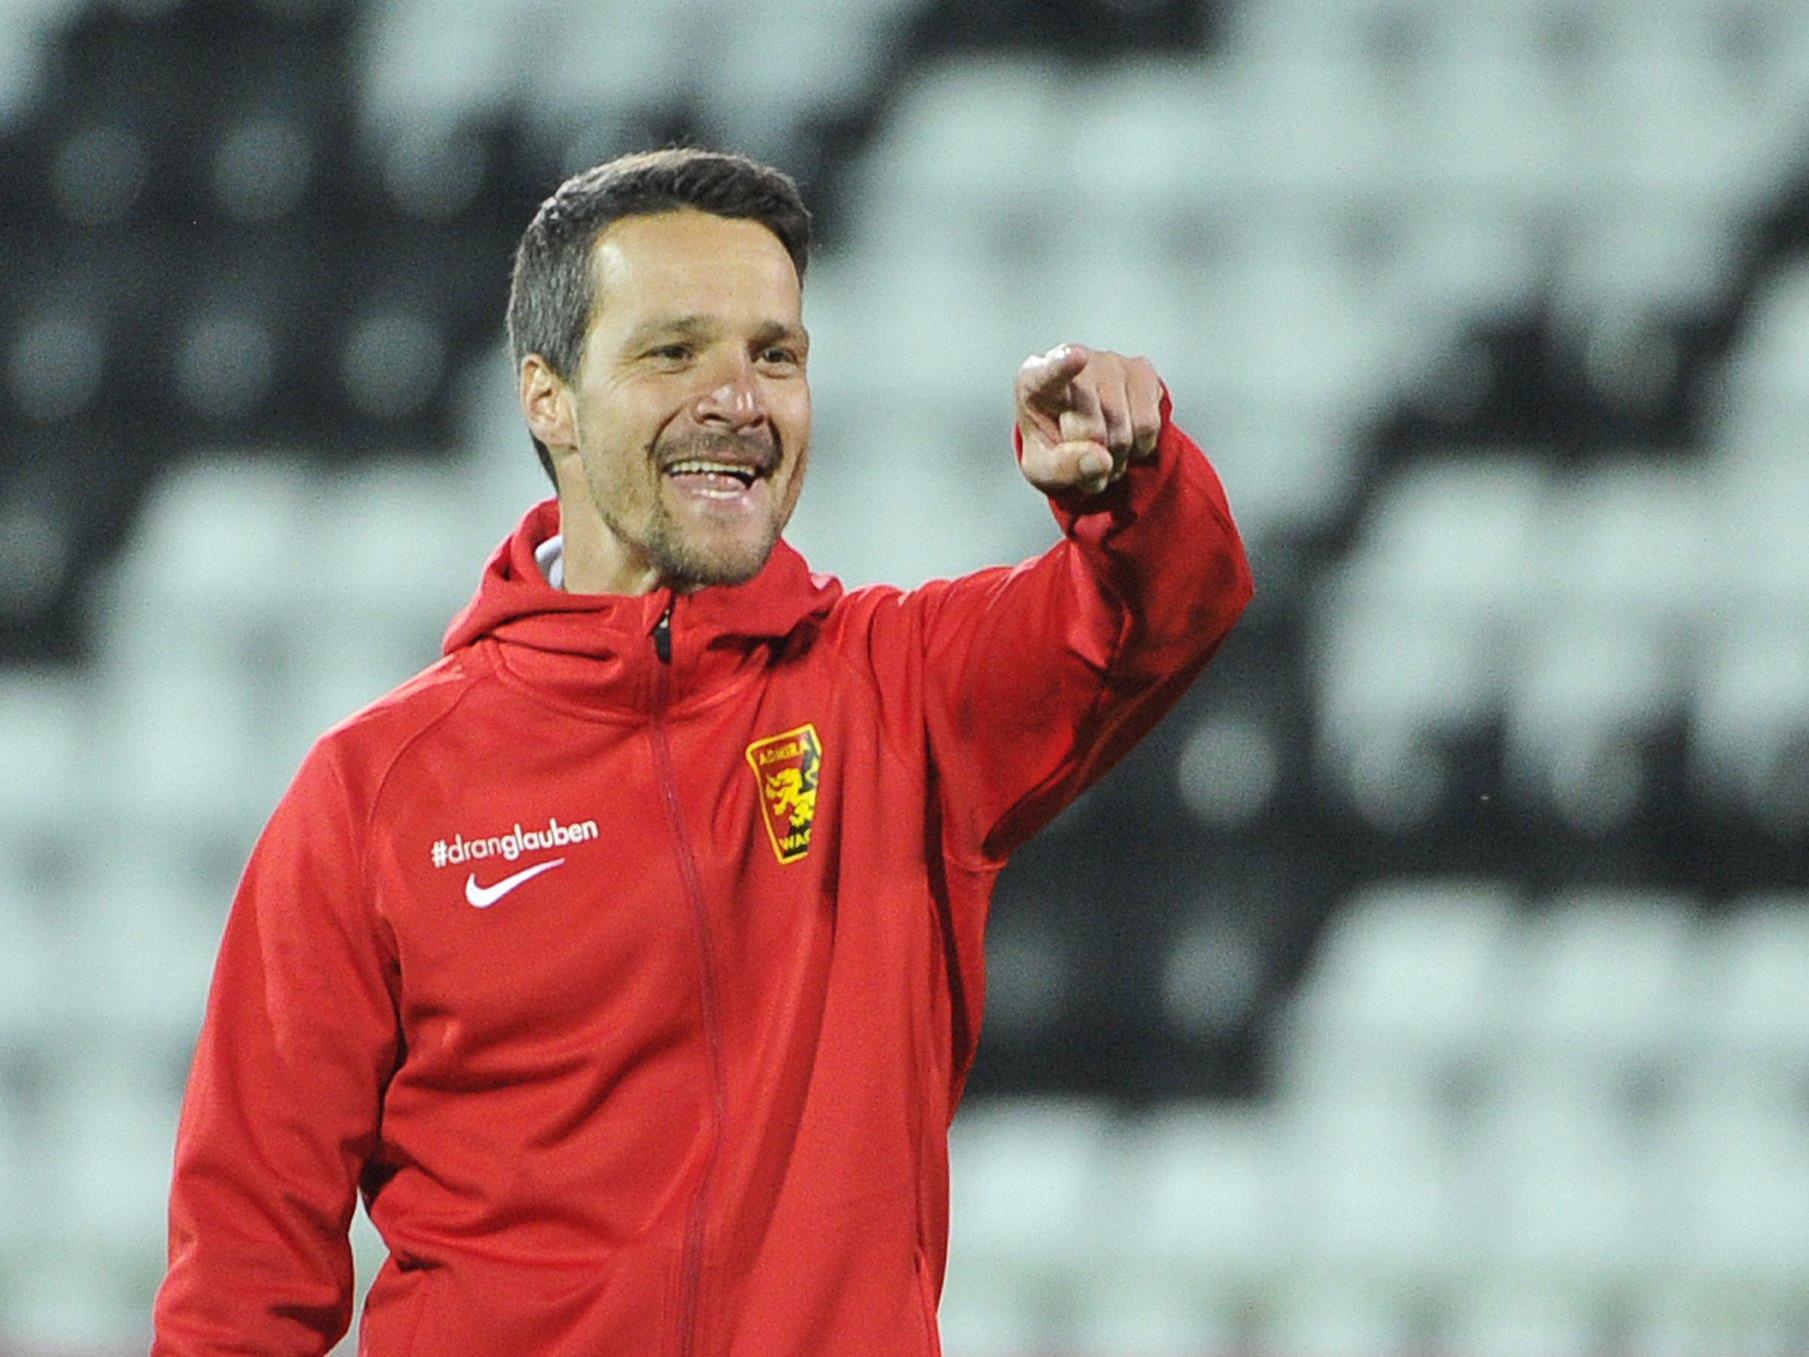 Admira-Trainer Oliver Lederer freut sich über Neuzugang Ante Roguljić.